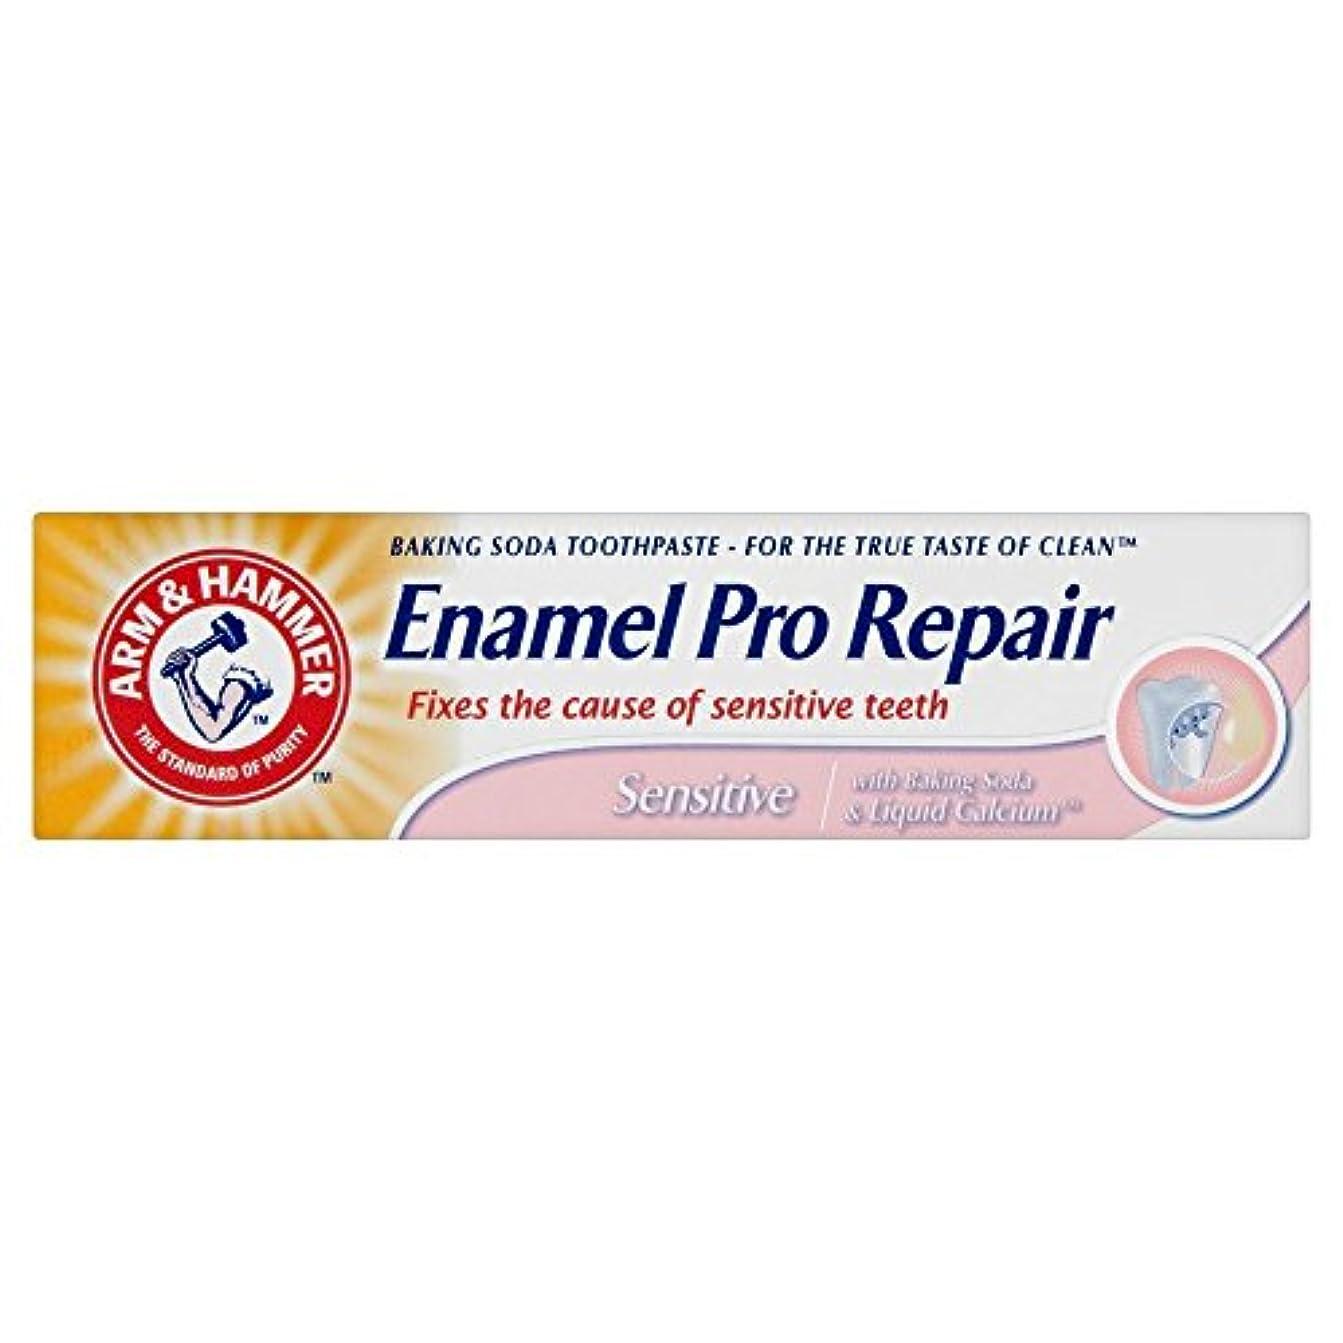 母音形式アジテーションArm & Hammer Enamel Care Sensitive Toothpaste Tube (75ml) アームとハンマーエナメルケア敏感歯磨き粉のチューブ( 75ミリリットル) [並行輸入品]